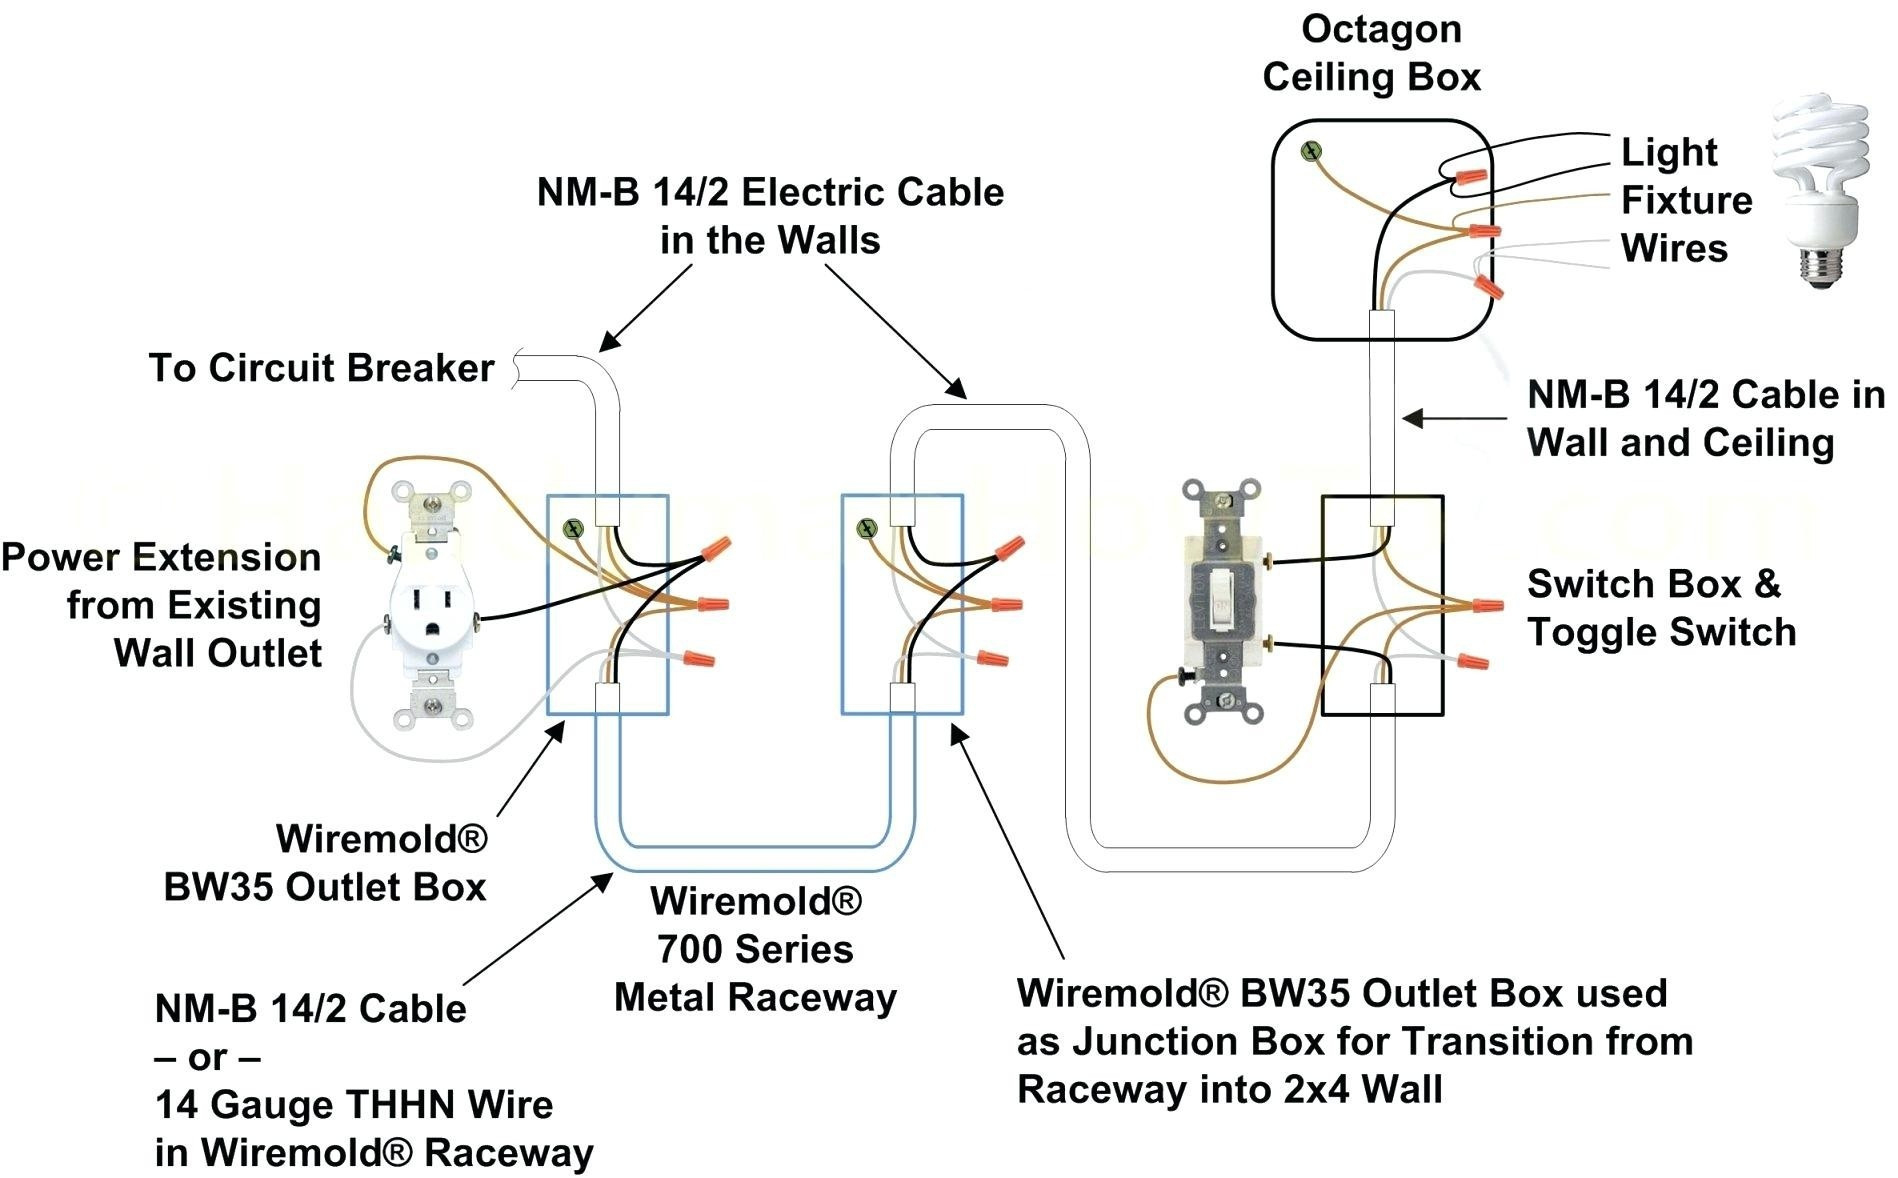 700R4 Transmission Wiring Diagram 2018 700R4 Torque Converter Lockup - 700R4 Torque Converter Lockup Wiring Diagram